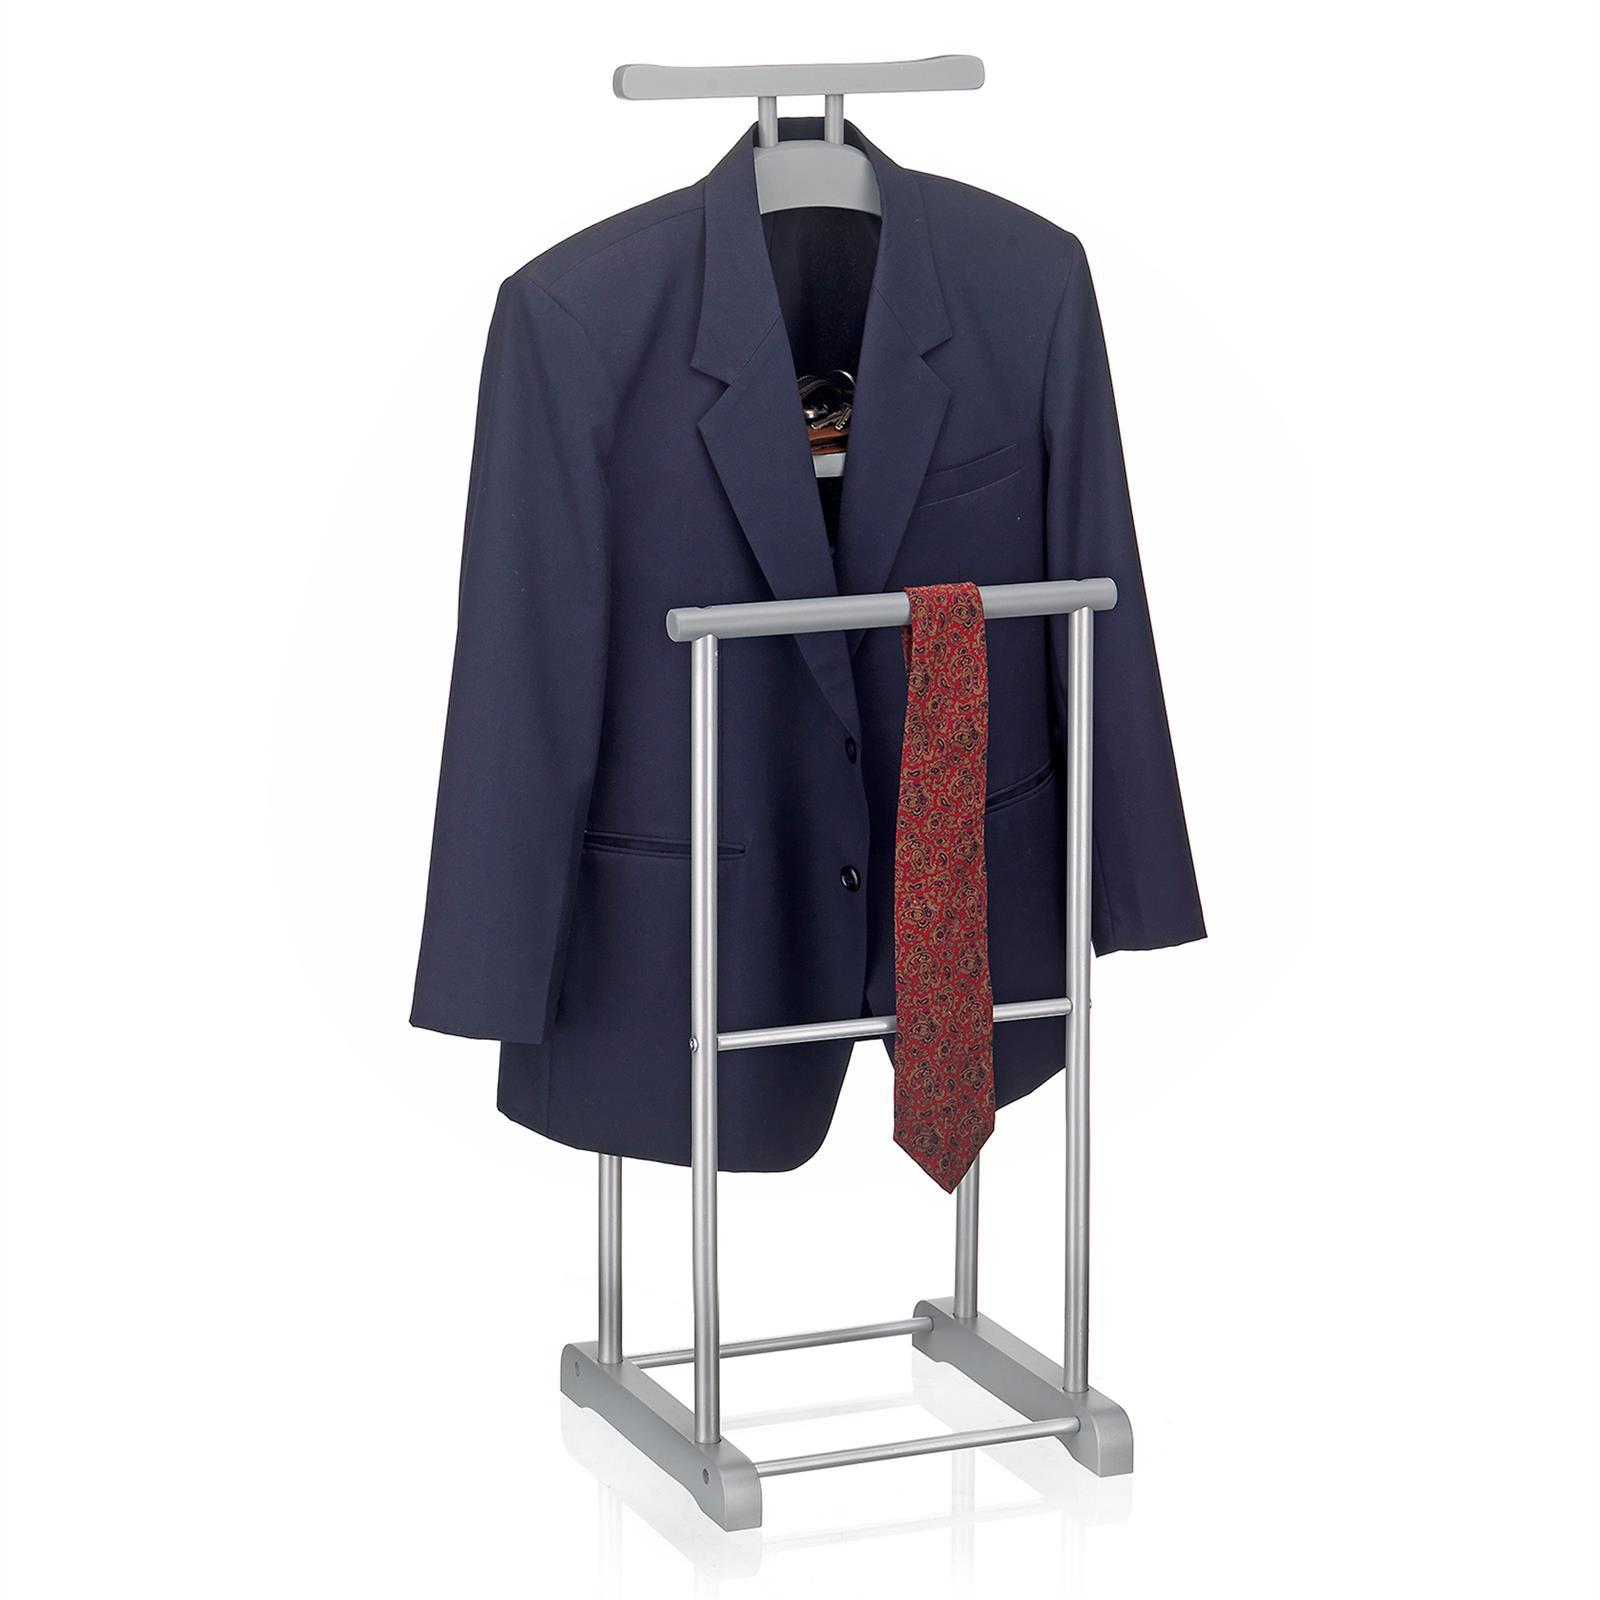 herrendiener kleider stange mit ablage kleiderst nder stummer diener butler ebay. Black Bedroom Furniture Sets. Home Design Ideas